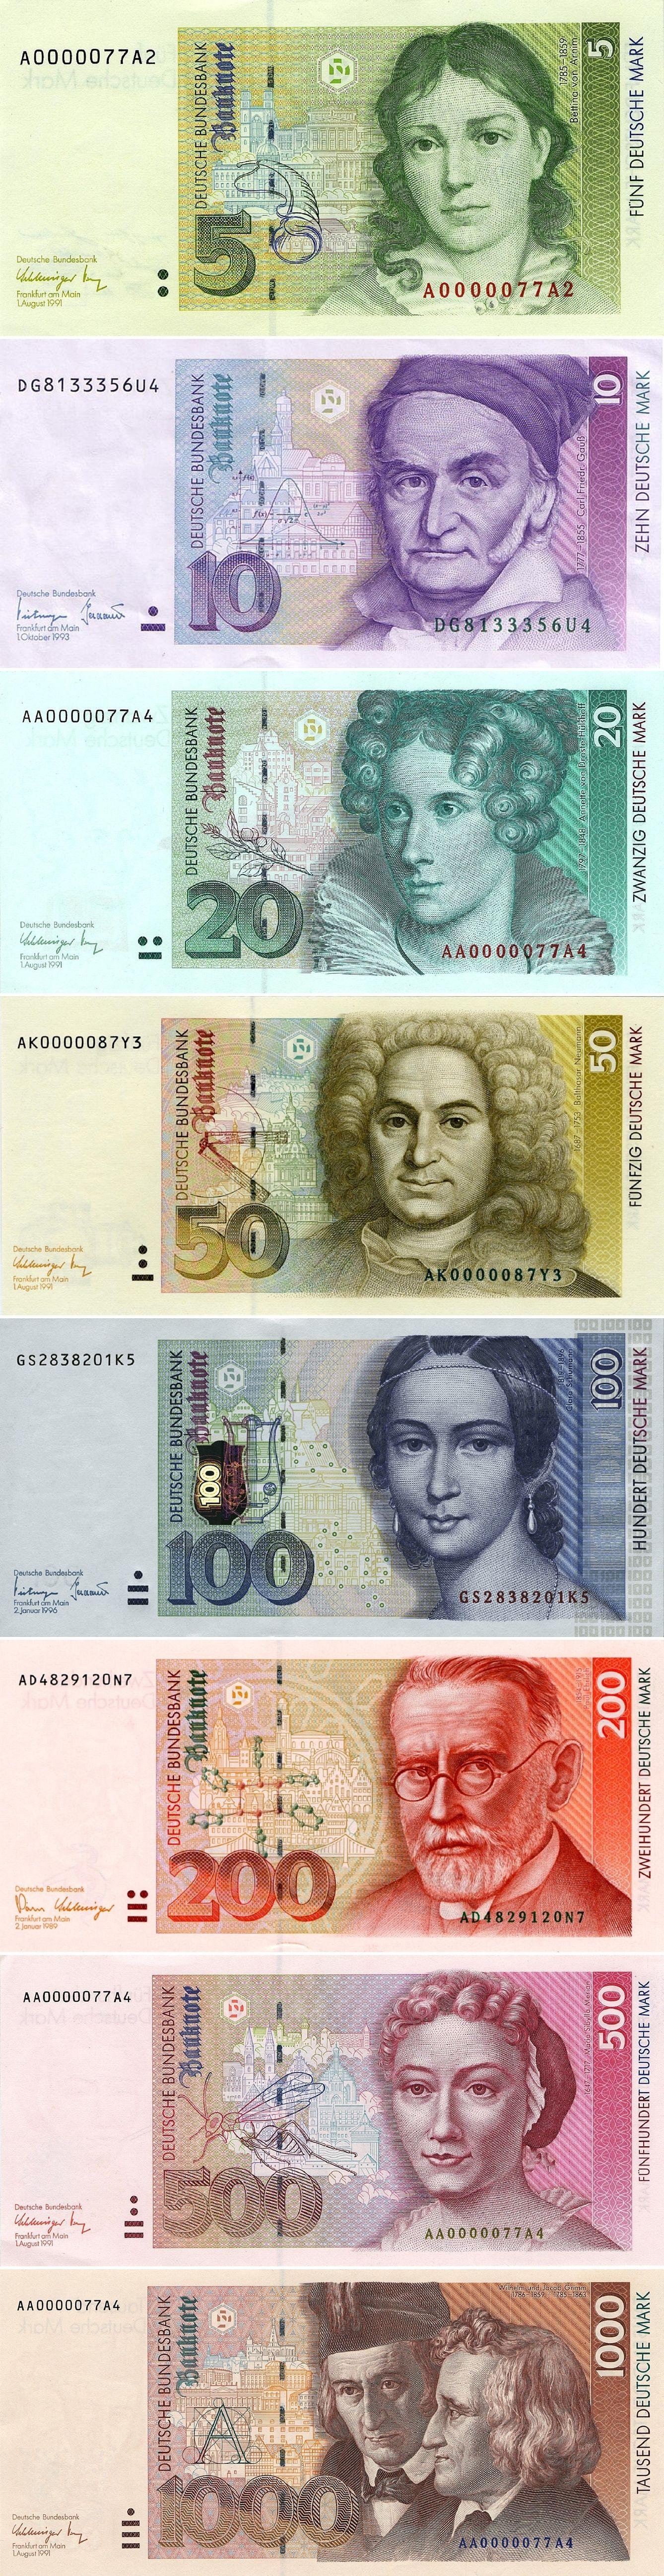 Billetes Kindheitserinnerungen, Altes geld, Deutsche mark